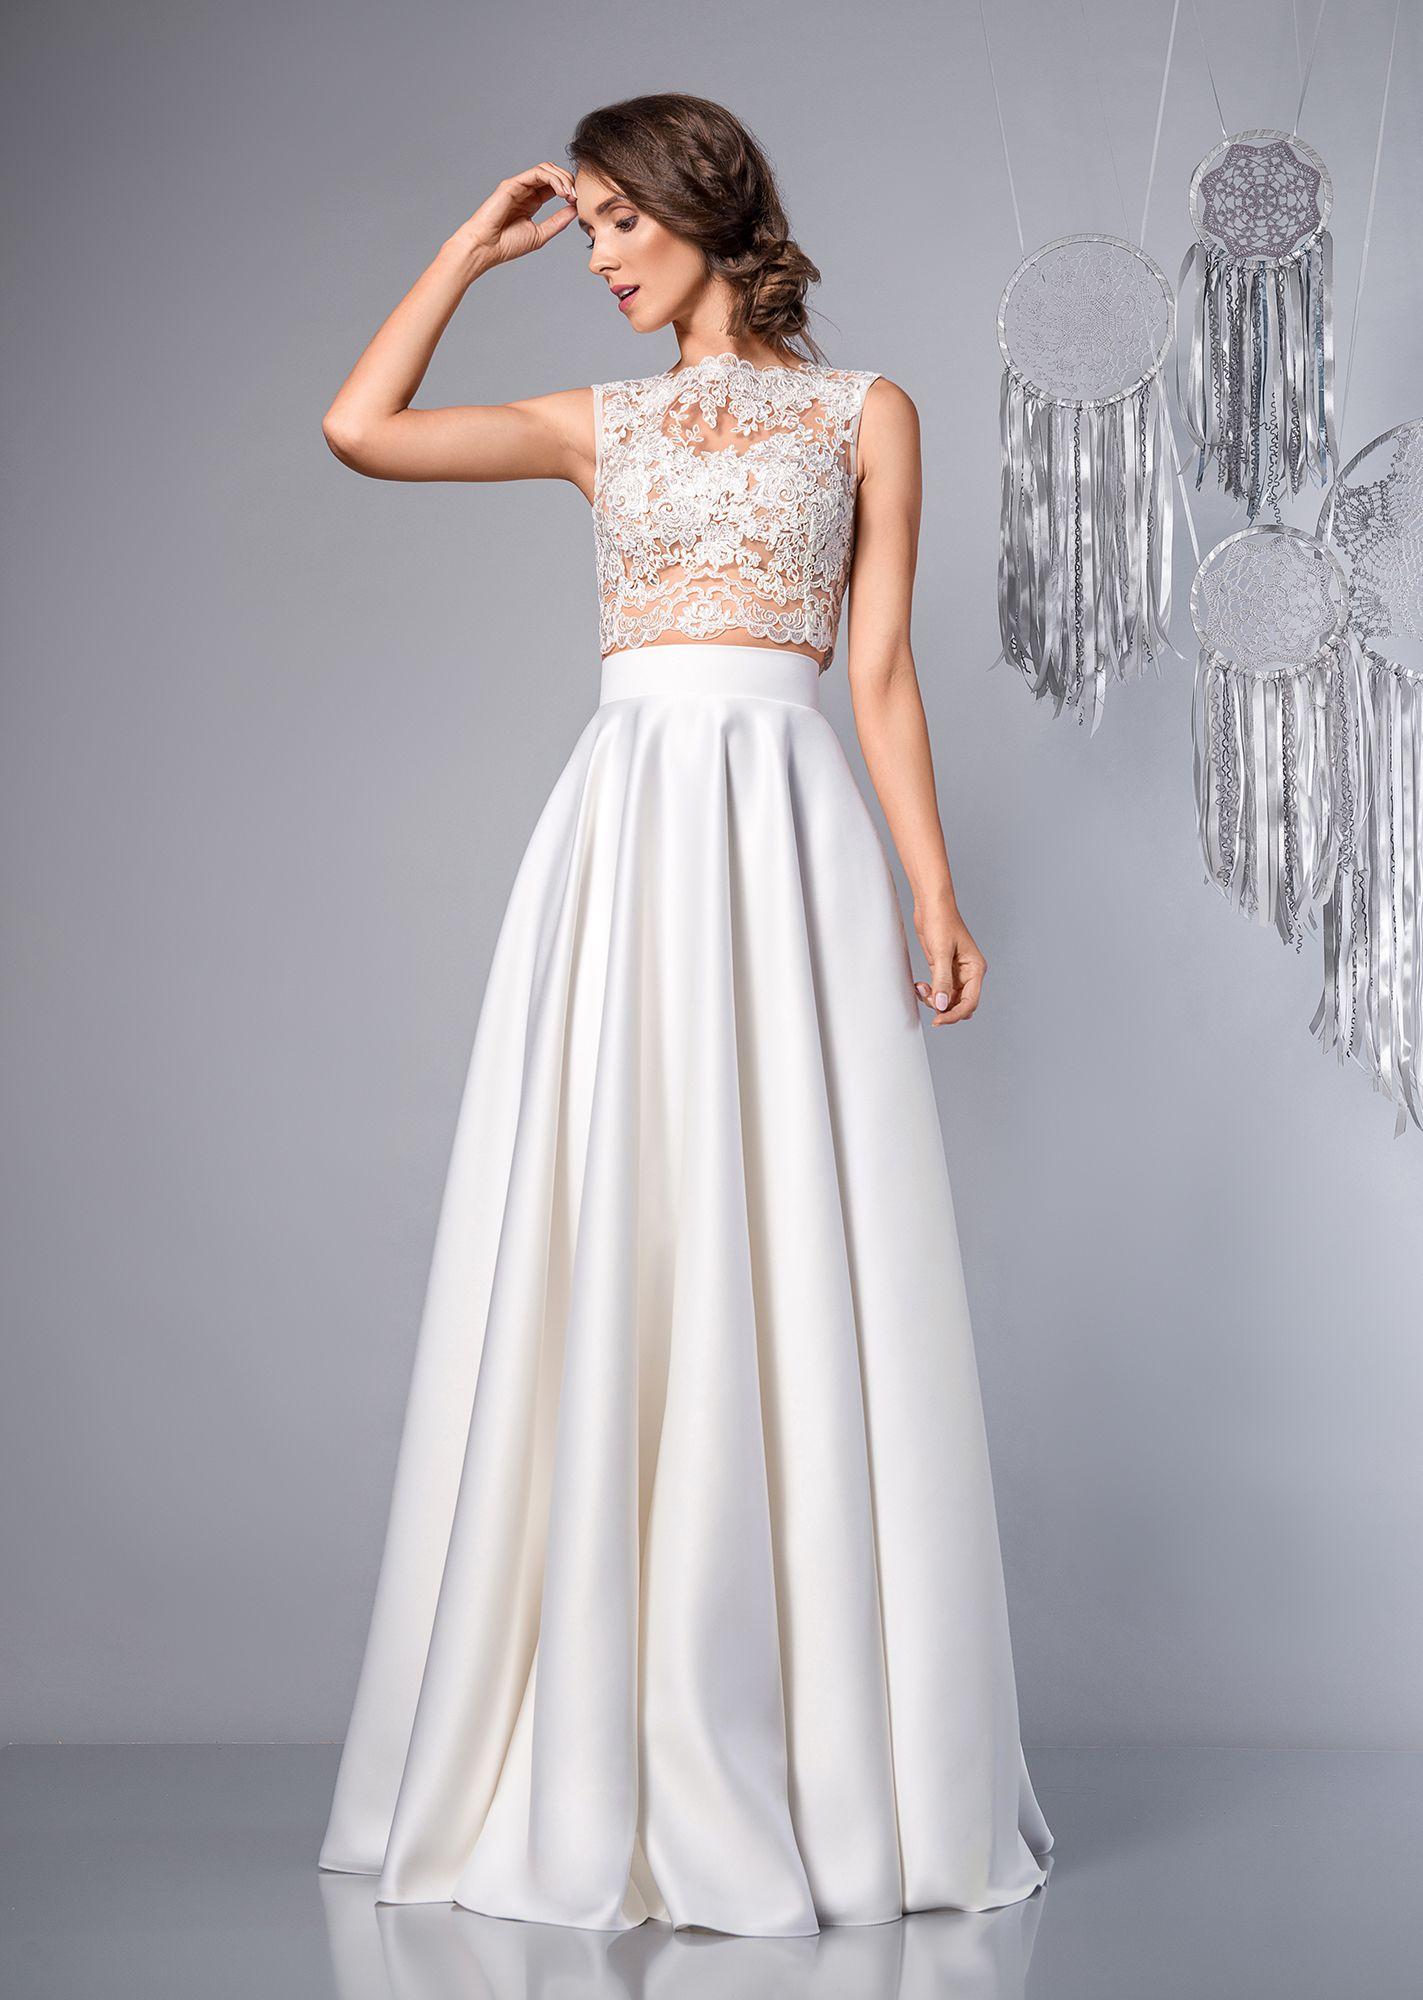 829761e873 Funny - suknia ślubna dwuczęściowa. Two-Piece Maxi Wedding Dress.   sukniaślubna  dwuczęściowa  weddingdress